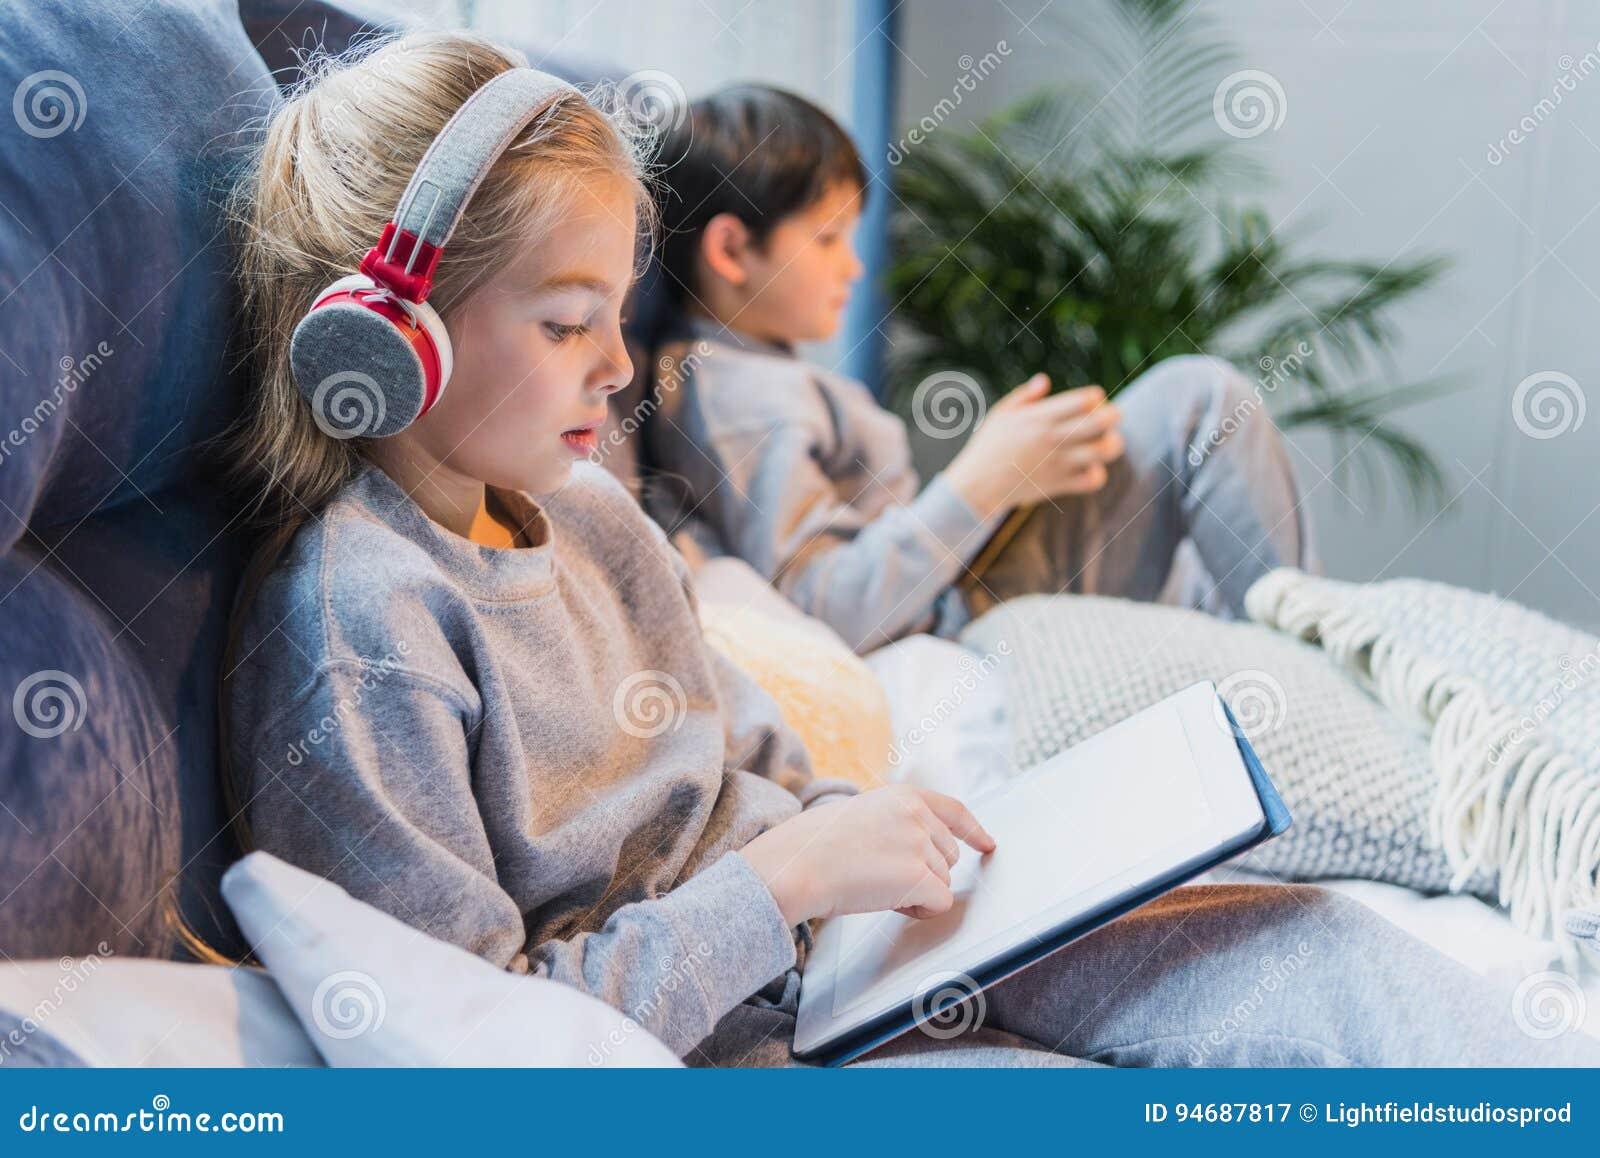 Fokussiertes Mädchen in den Kopfhörern und im kleinen Jungen, der digitale Tabletten verwendet